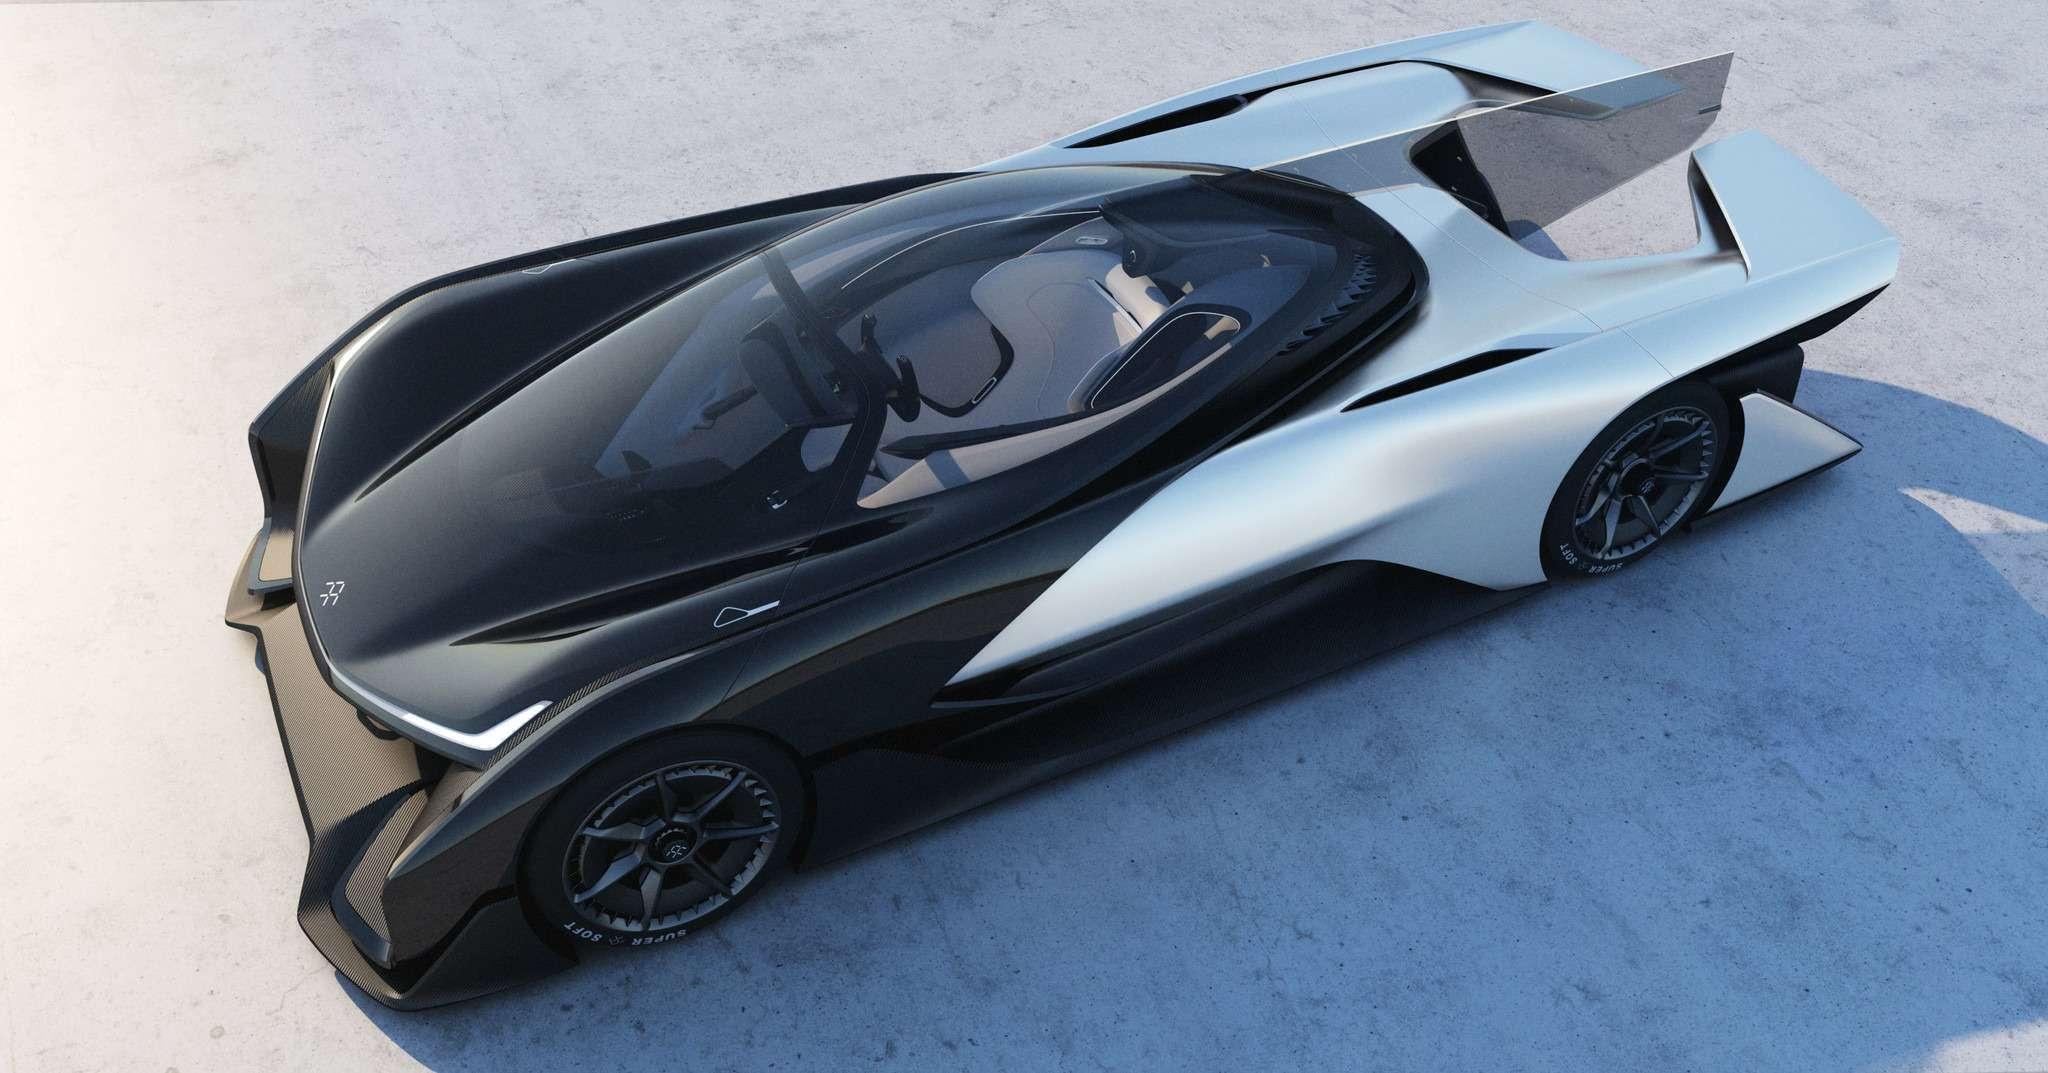 FF_CES_Racecar_1440x1440_Interior_01_Full